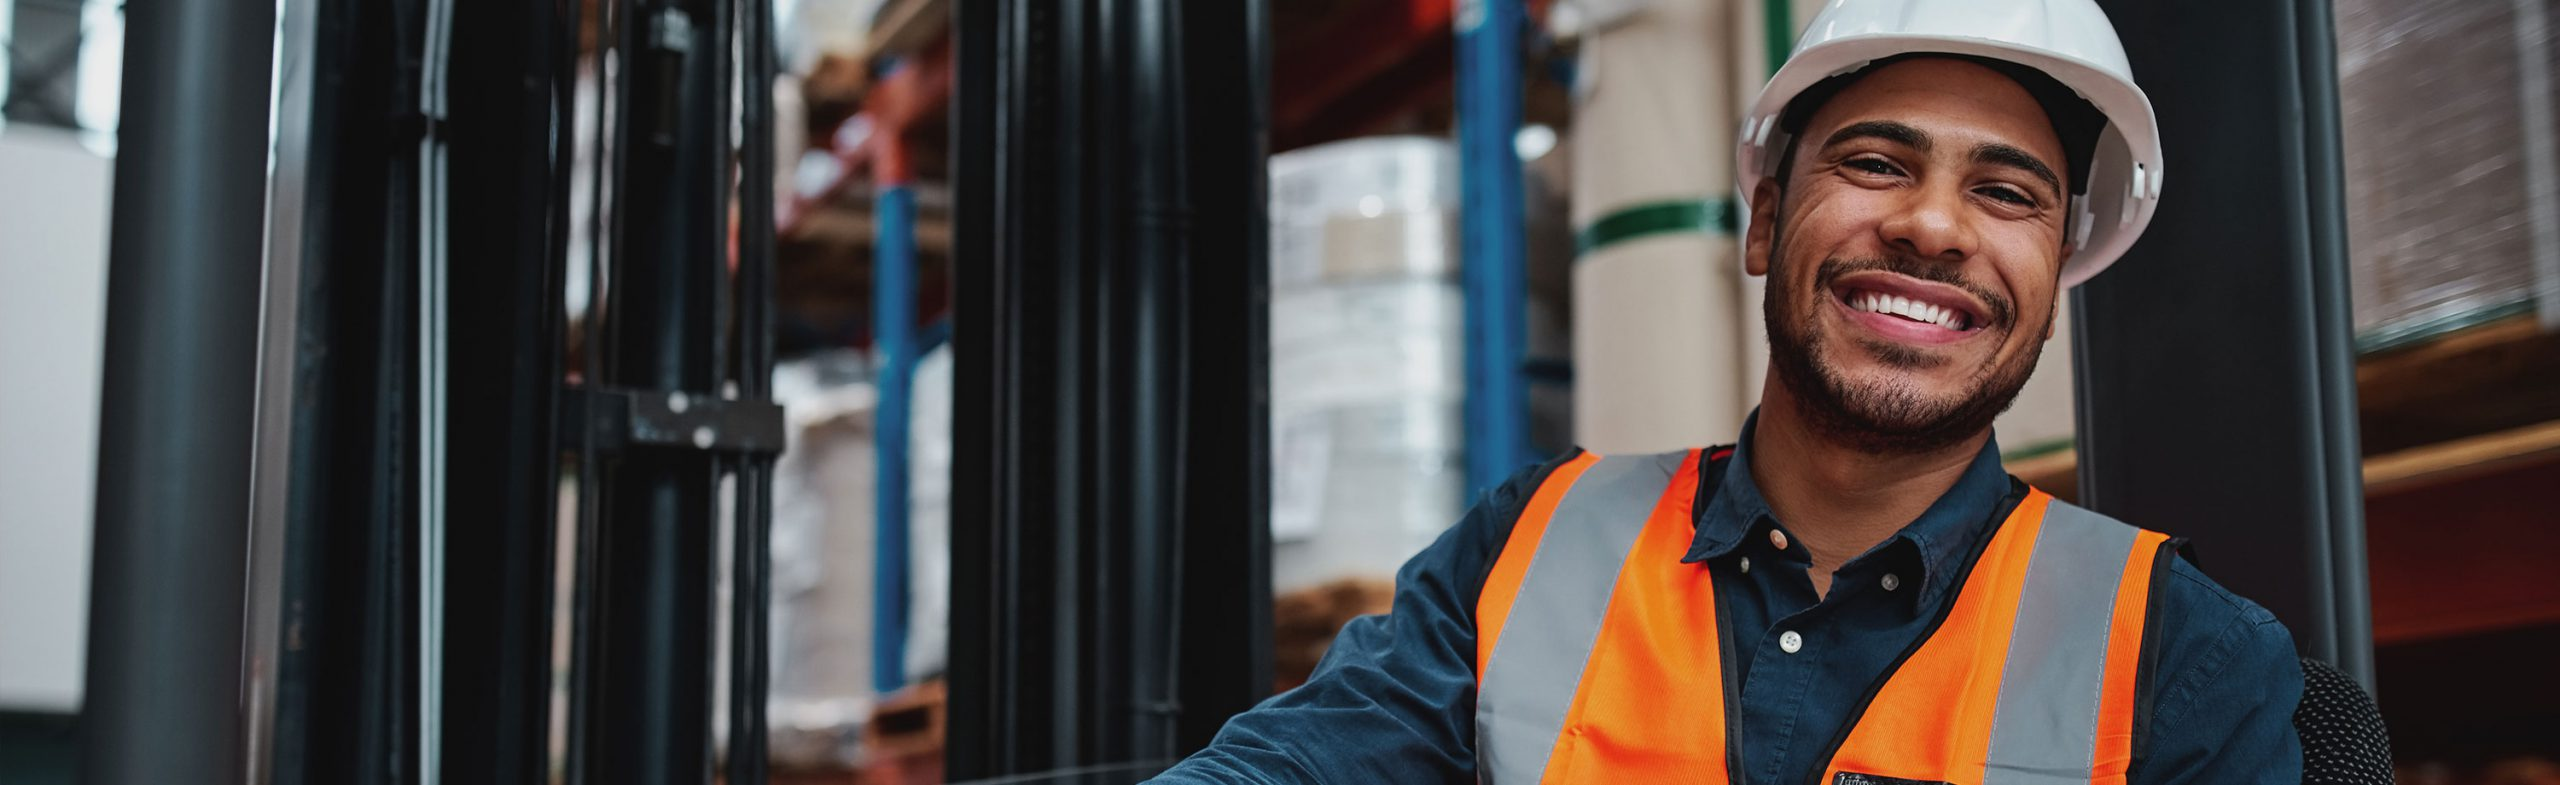 Vi förvärvar, förädlar och <br>förvaltar logistikfastigheter.